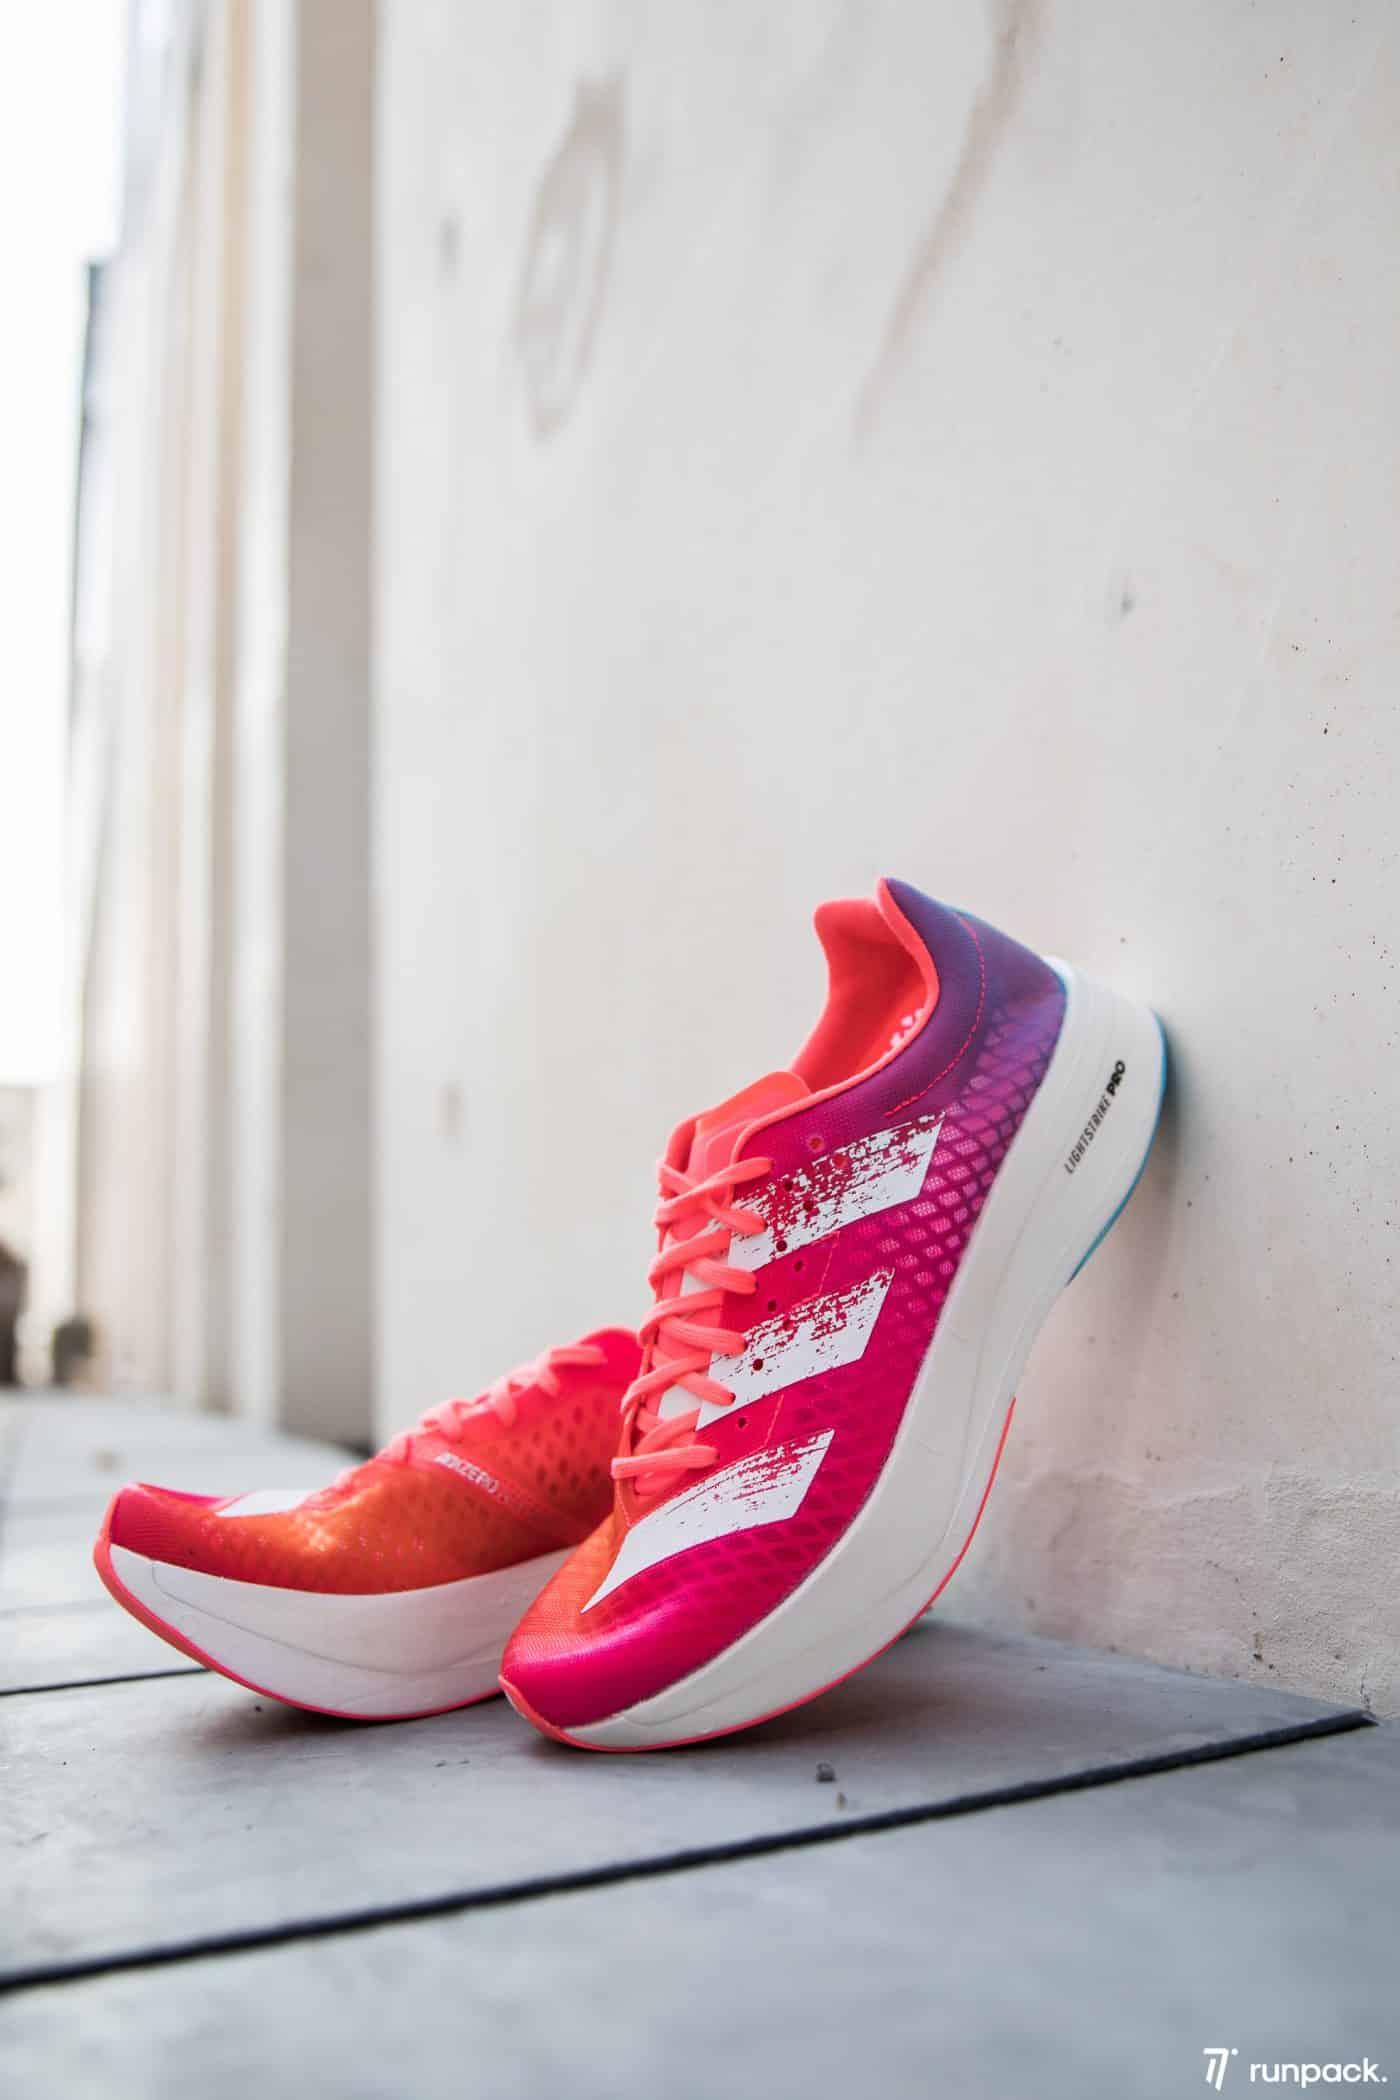 runpack_adidas_adizero_adios_pro_13